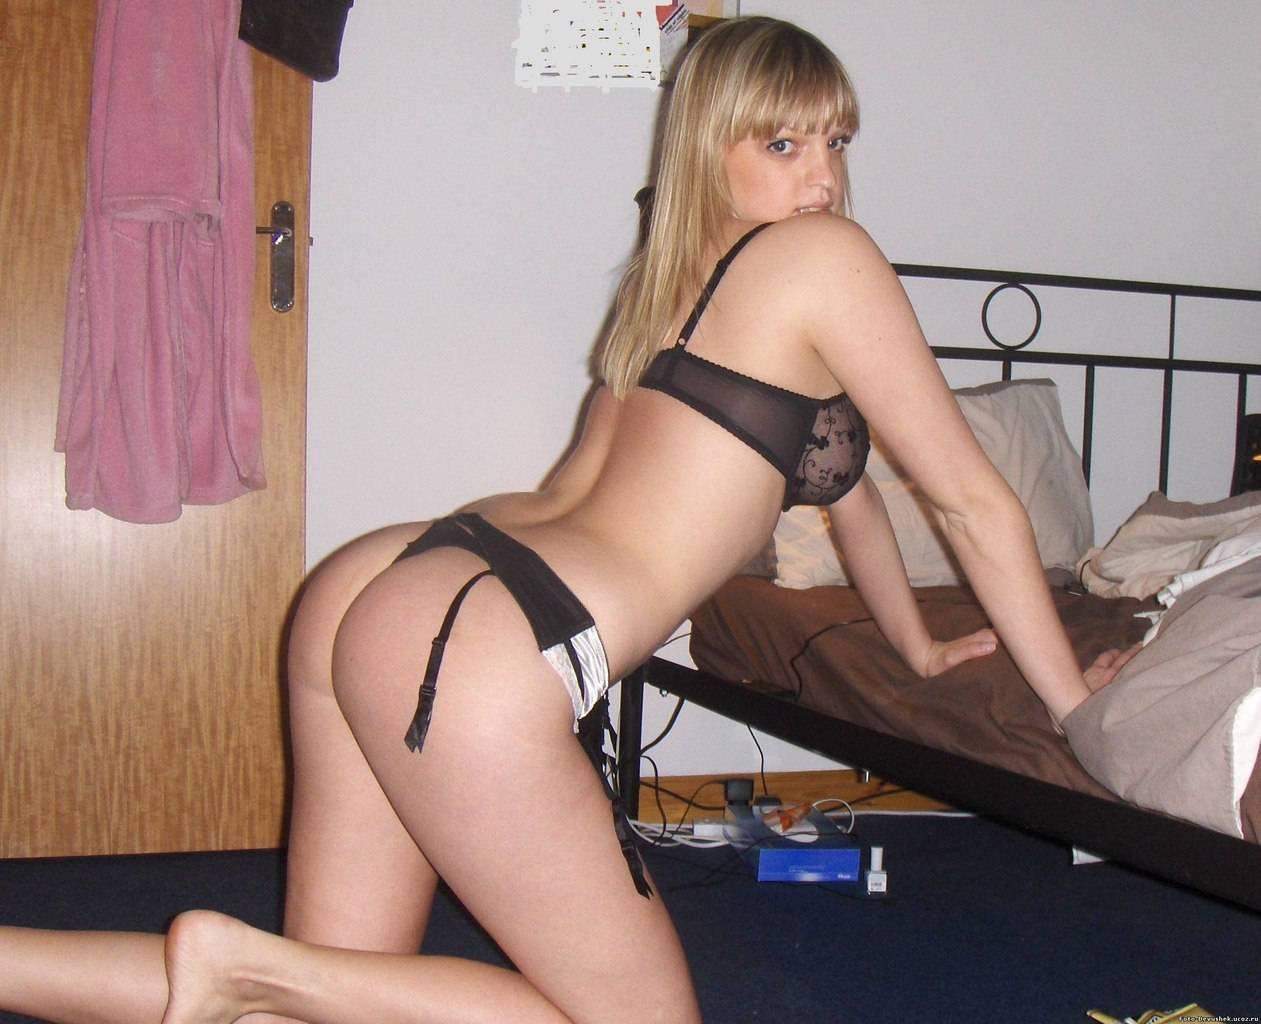 Шлюхи Проститутки Бляди В Эротичном Нижнем Белье